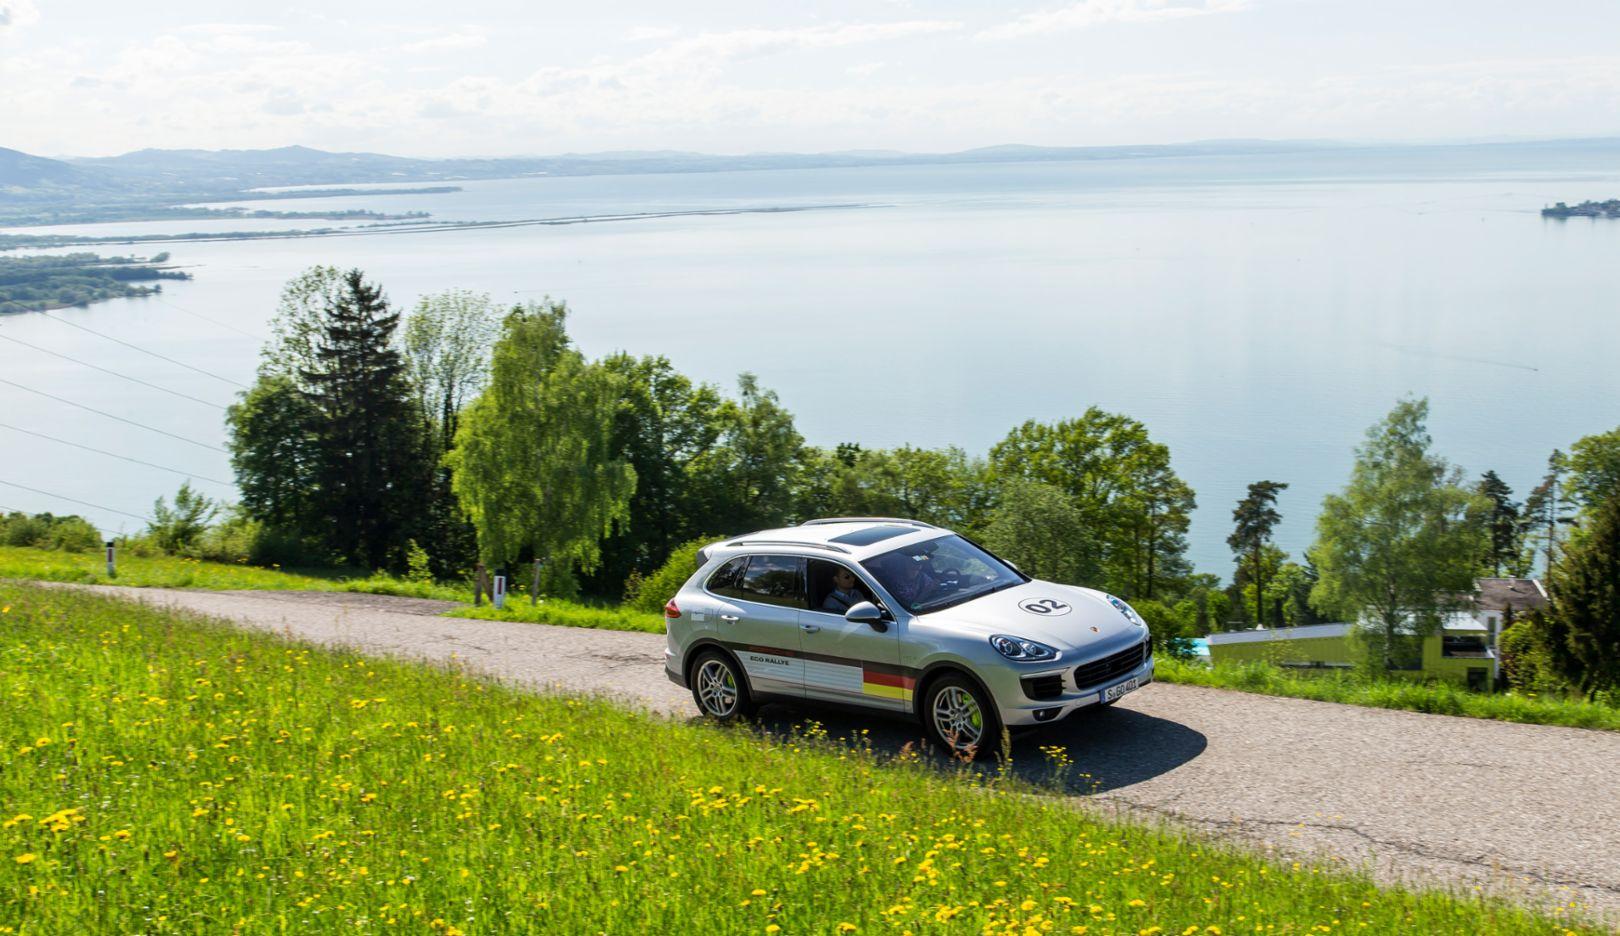 Cayenne S E-Hybrid, Eco-Rallye Bodensee, 2015, Porsche AG